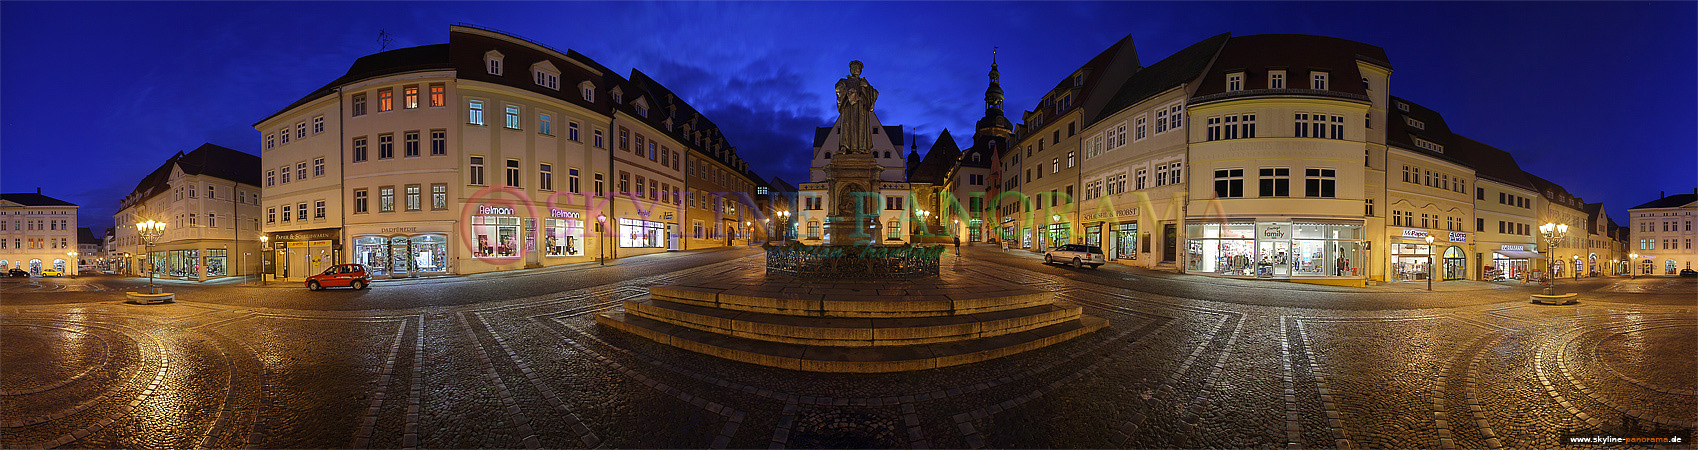 Der historische Marktplatz der Lutherstadt Eisleben zur Dämmerung mit dem Lutherdenkmal im Zentrum.